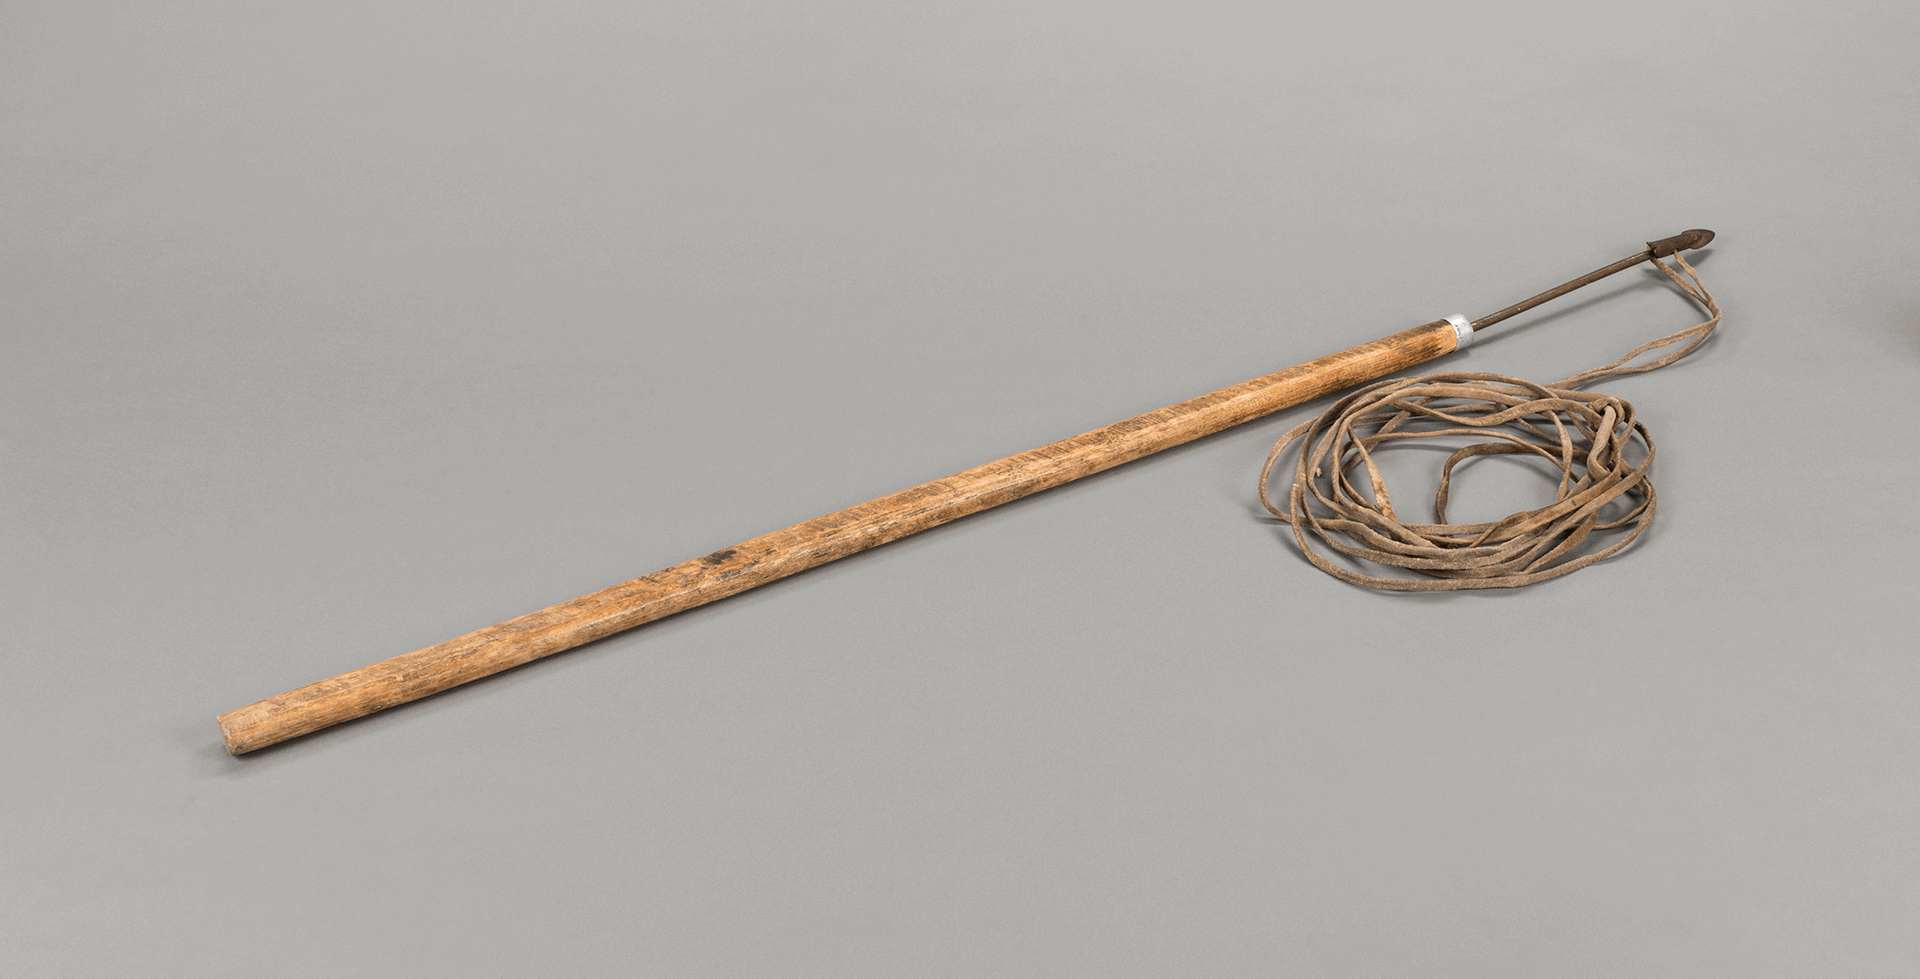 Photographie d'un harpon avec lanière en peau de phoque barbu. Une flèche détachable est fixée à une des extrémités.